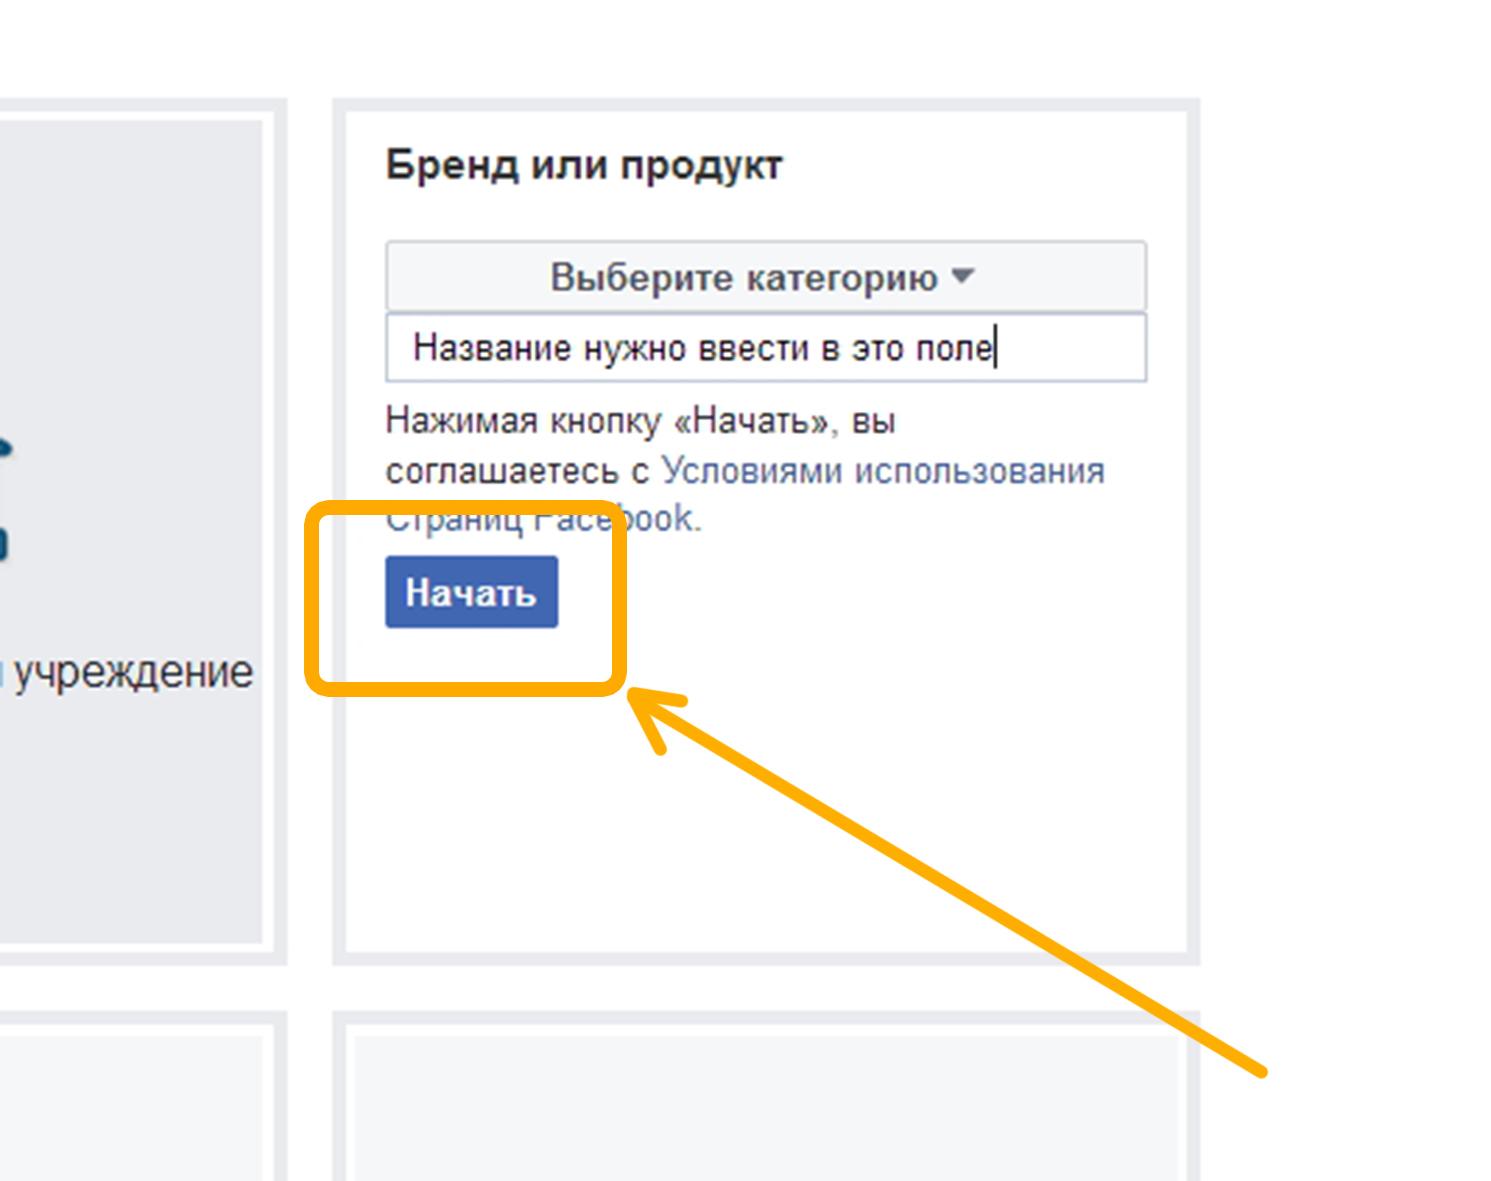 Общее меню создания страницы в Фейсбук, на котором расположена кнопка для сохранения всех изменений.